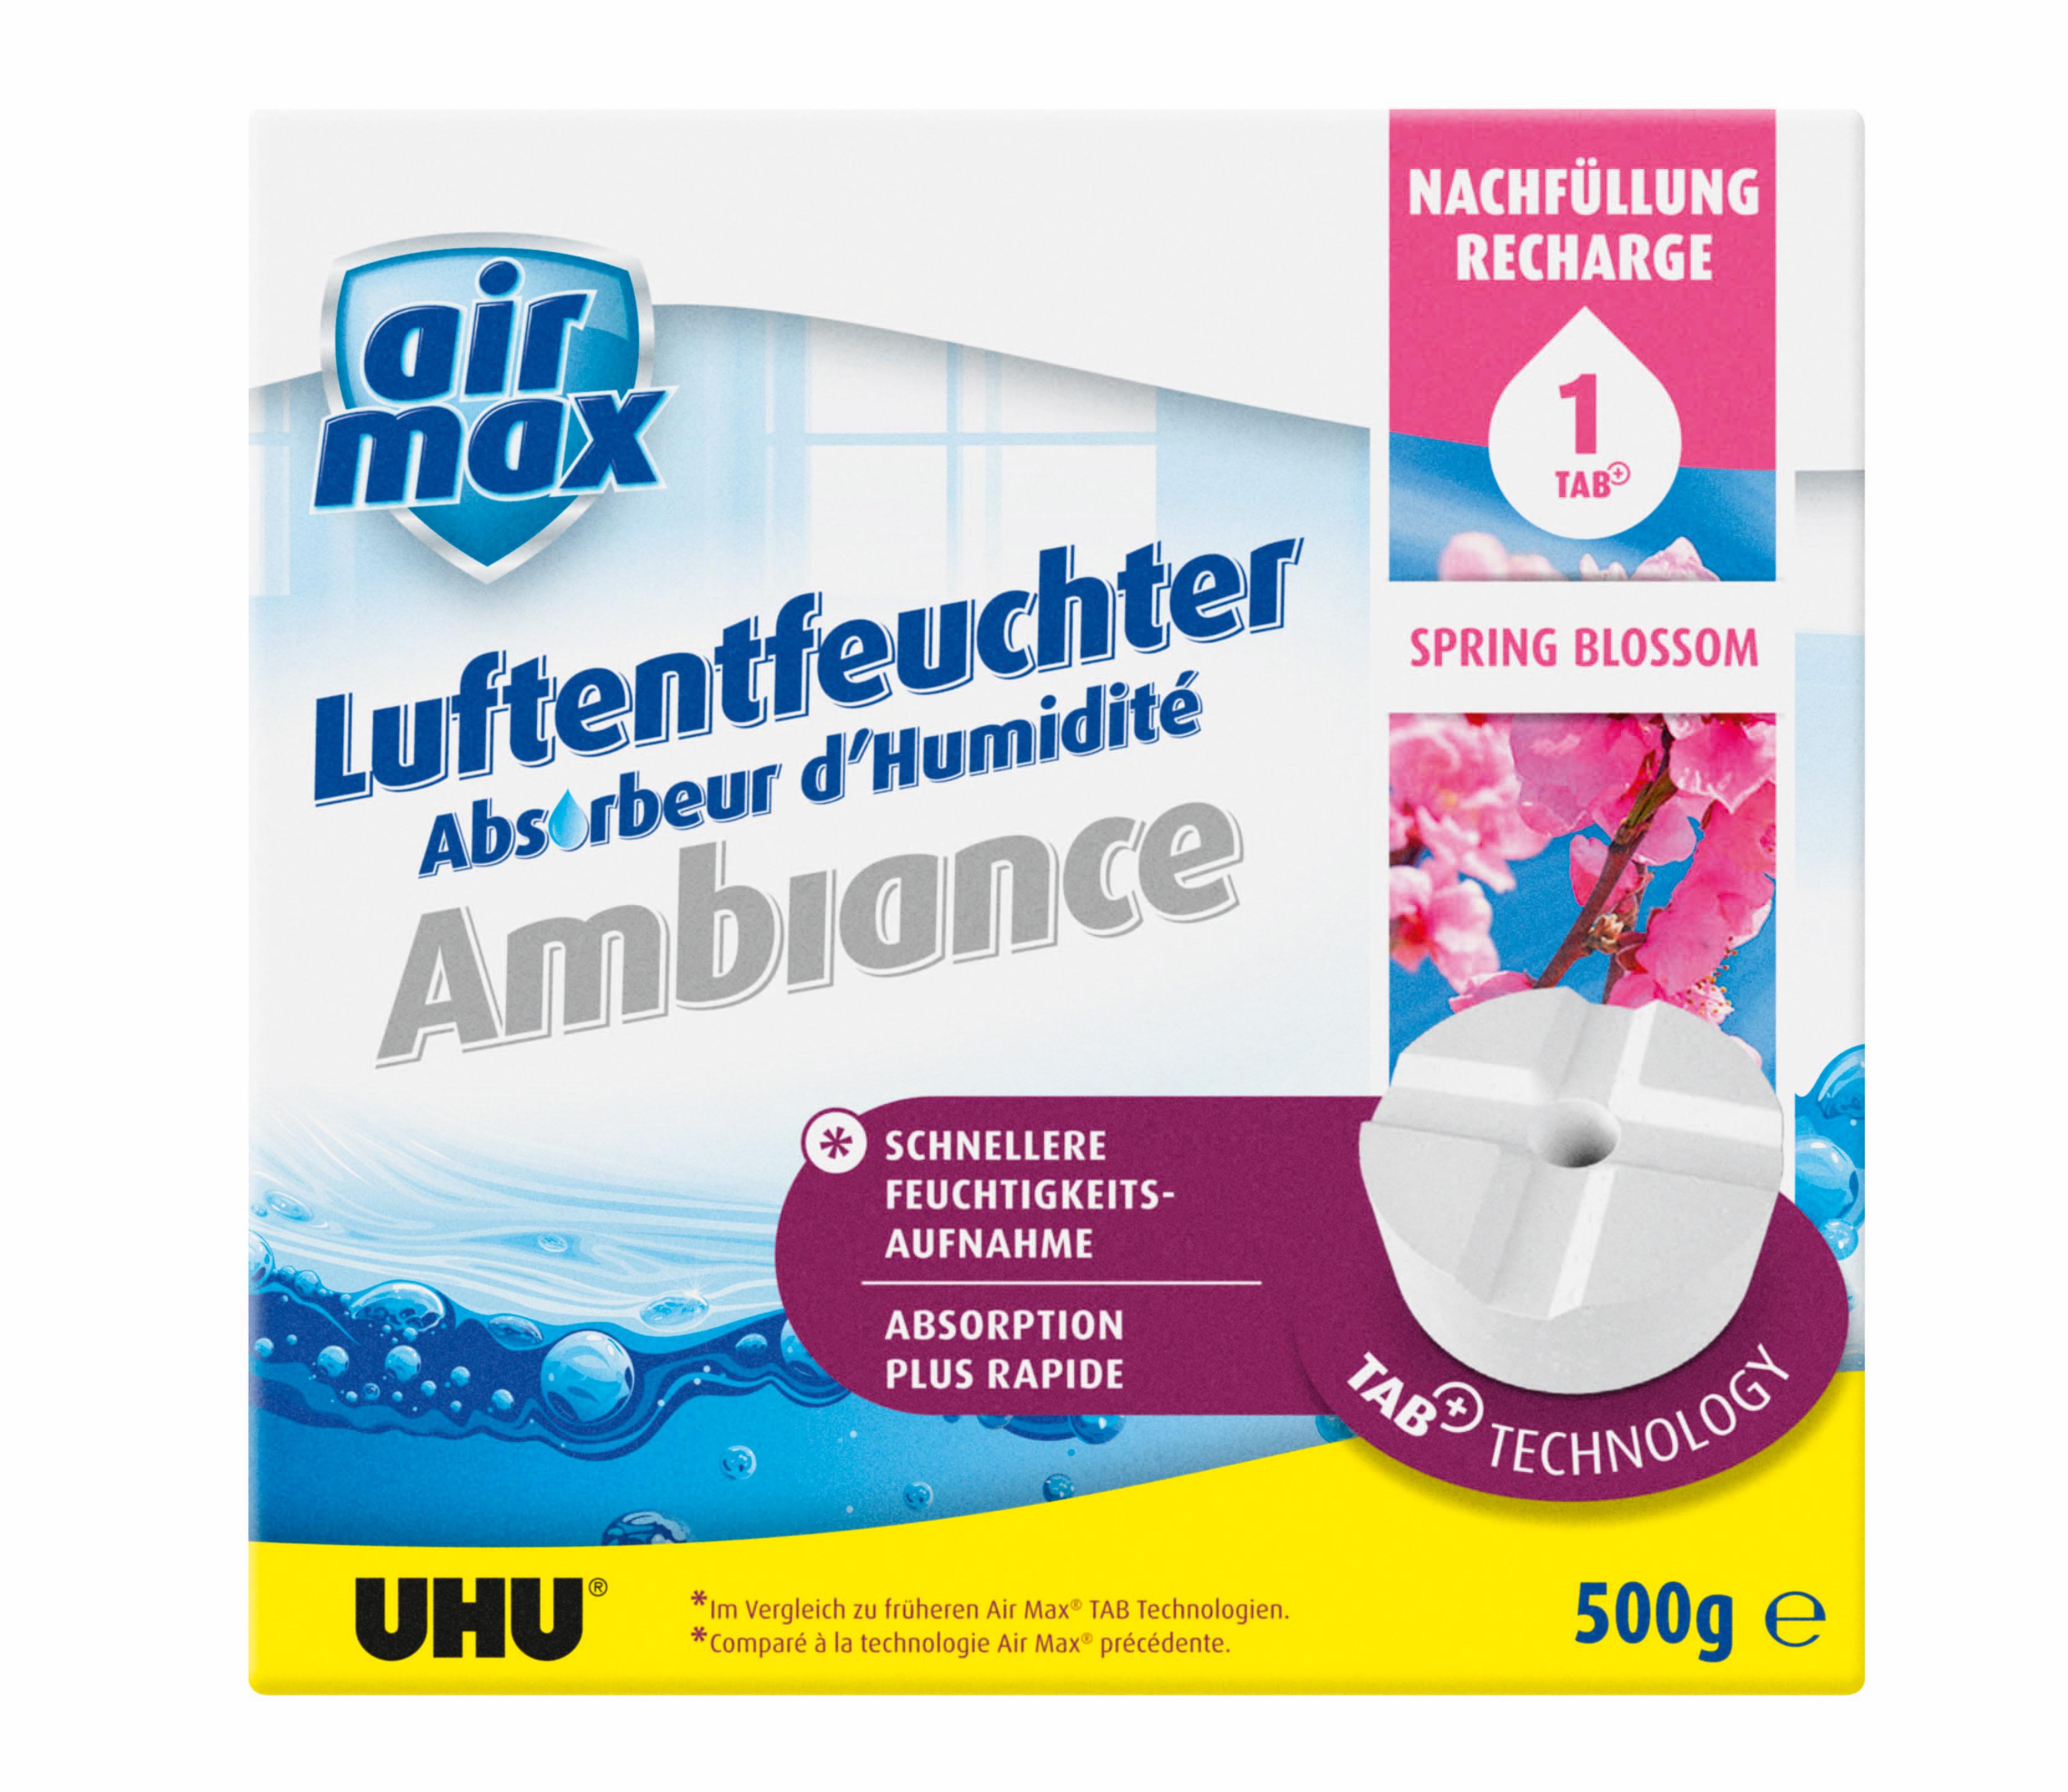 UHU Air Max Nachfüll-Tab für Luftentfeuchter Ambiance Spring Blossom